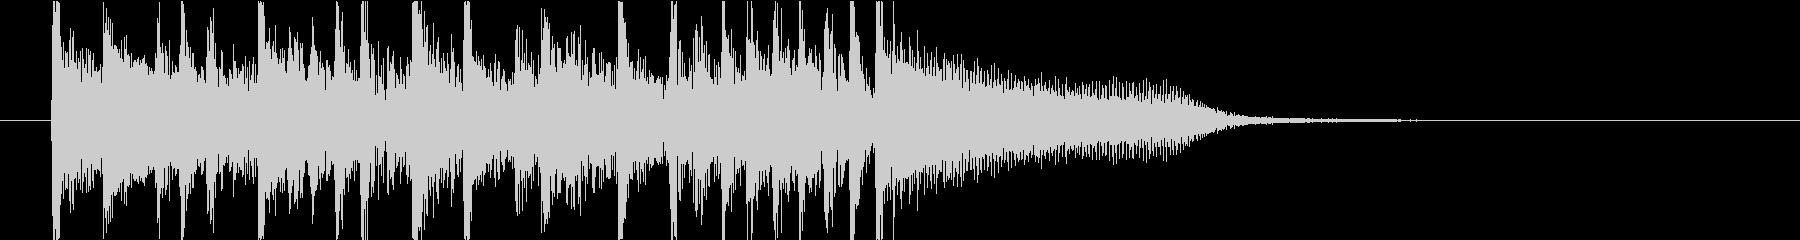 ロックテイストなピアノとドラムのジングルの未再生の波形